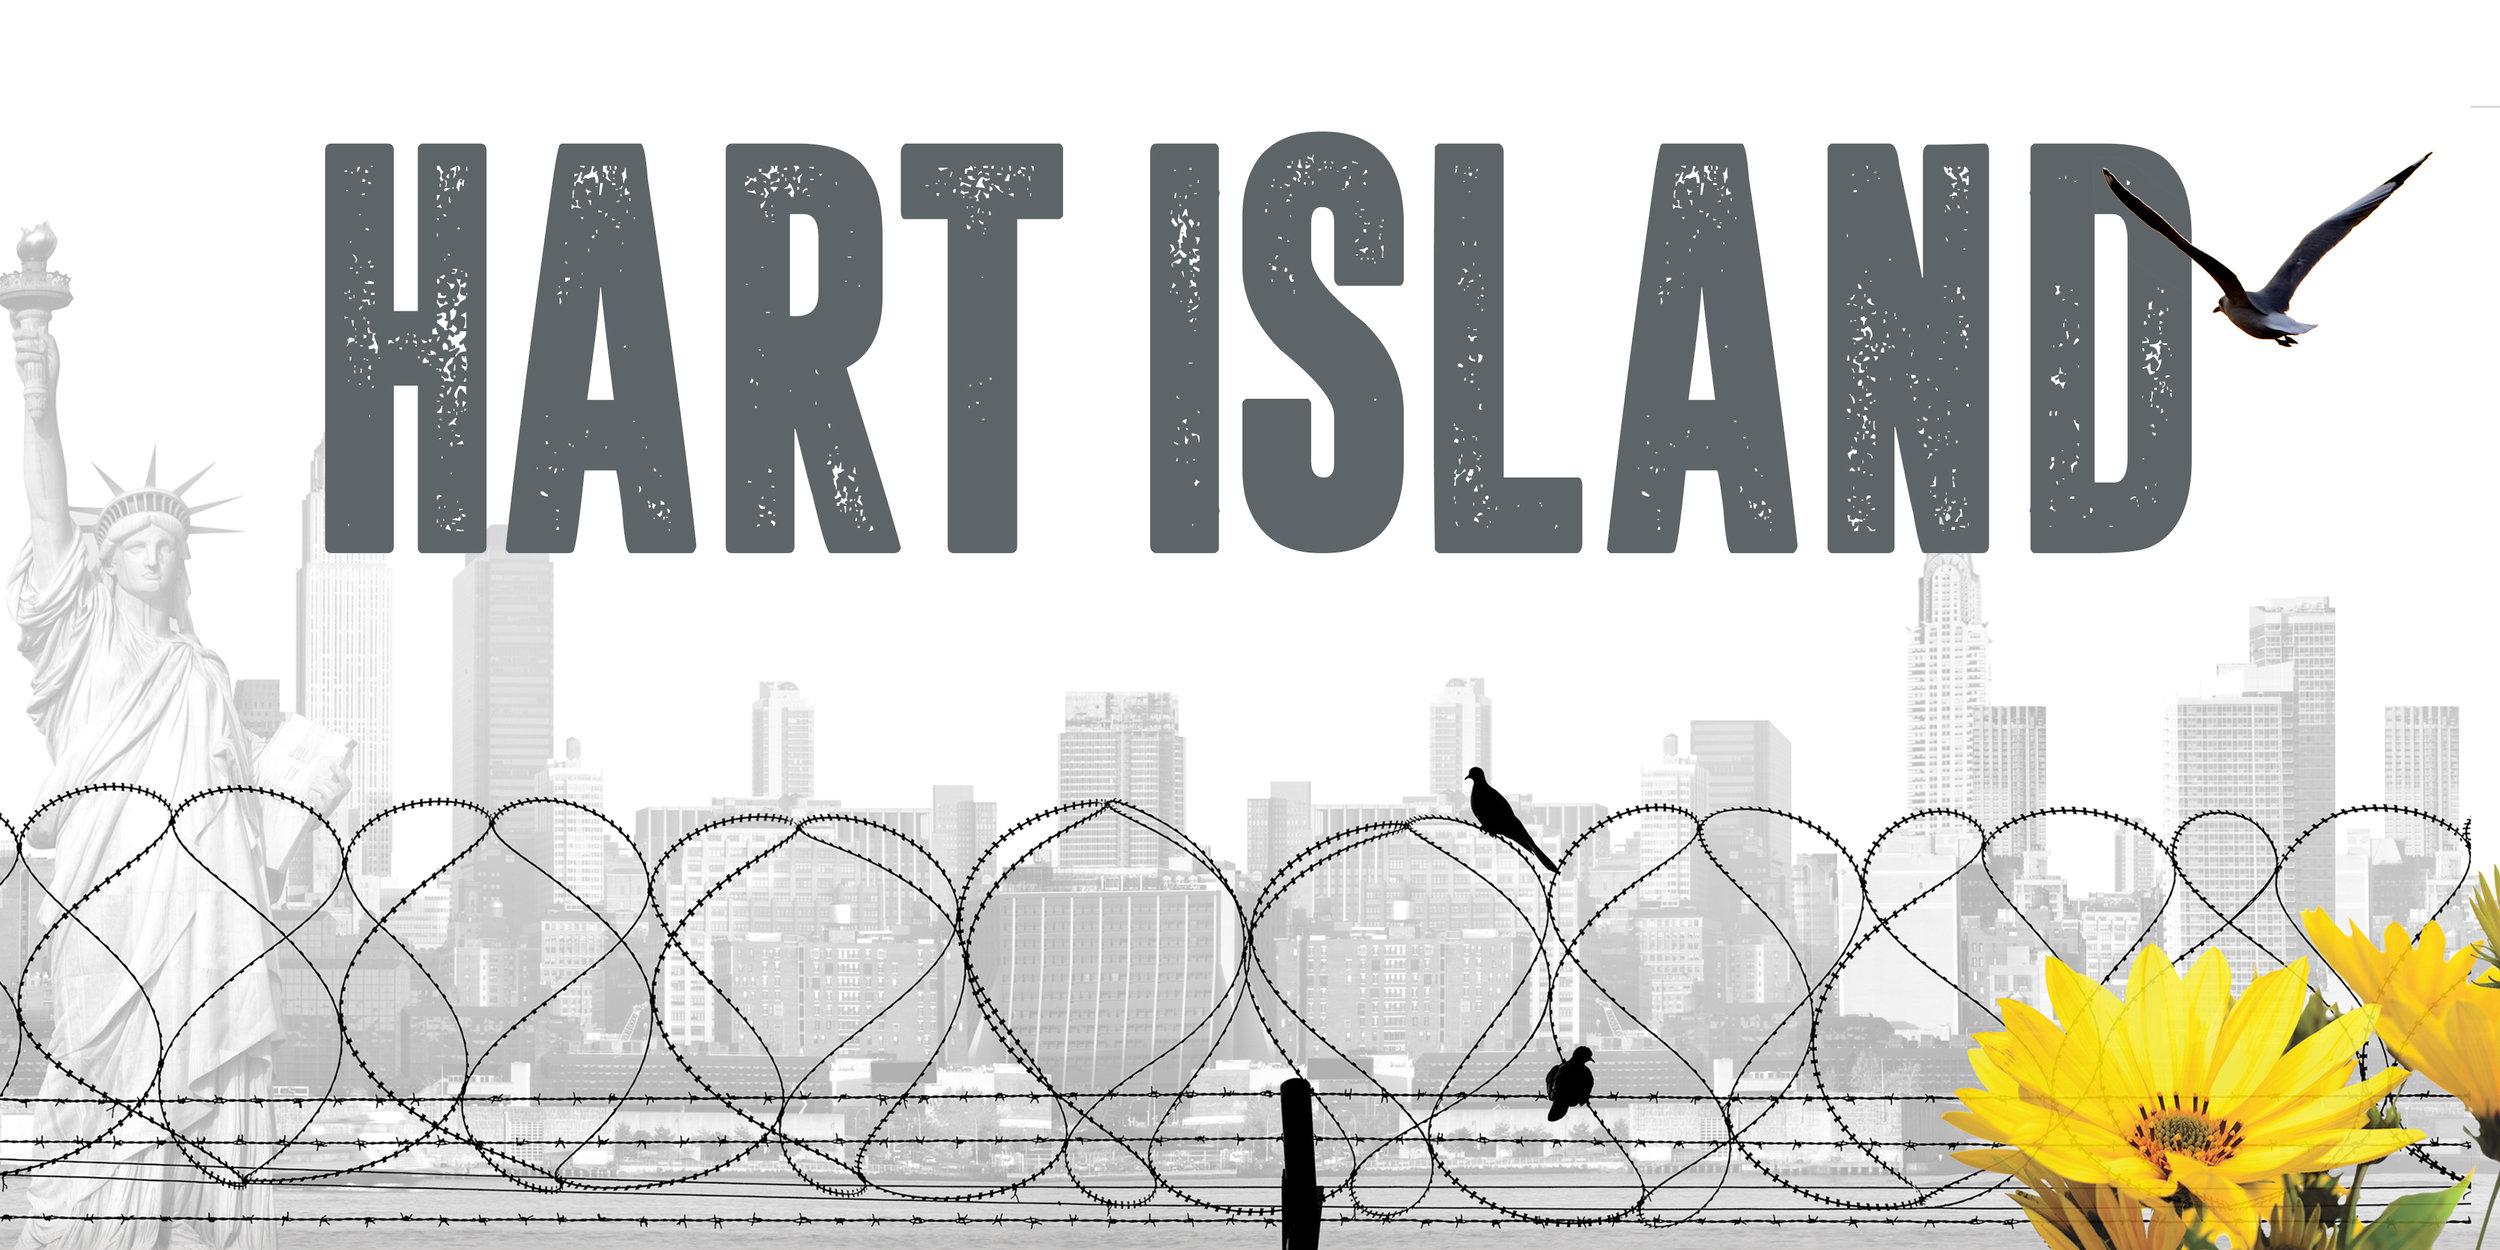 Hart Island_Cover Photo.jpg